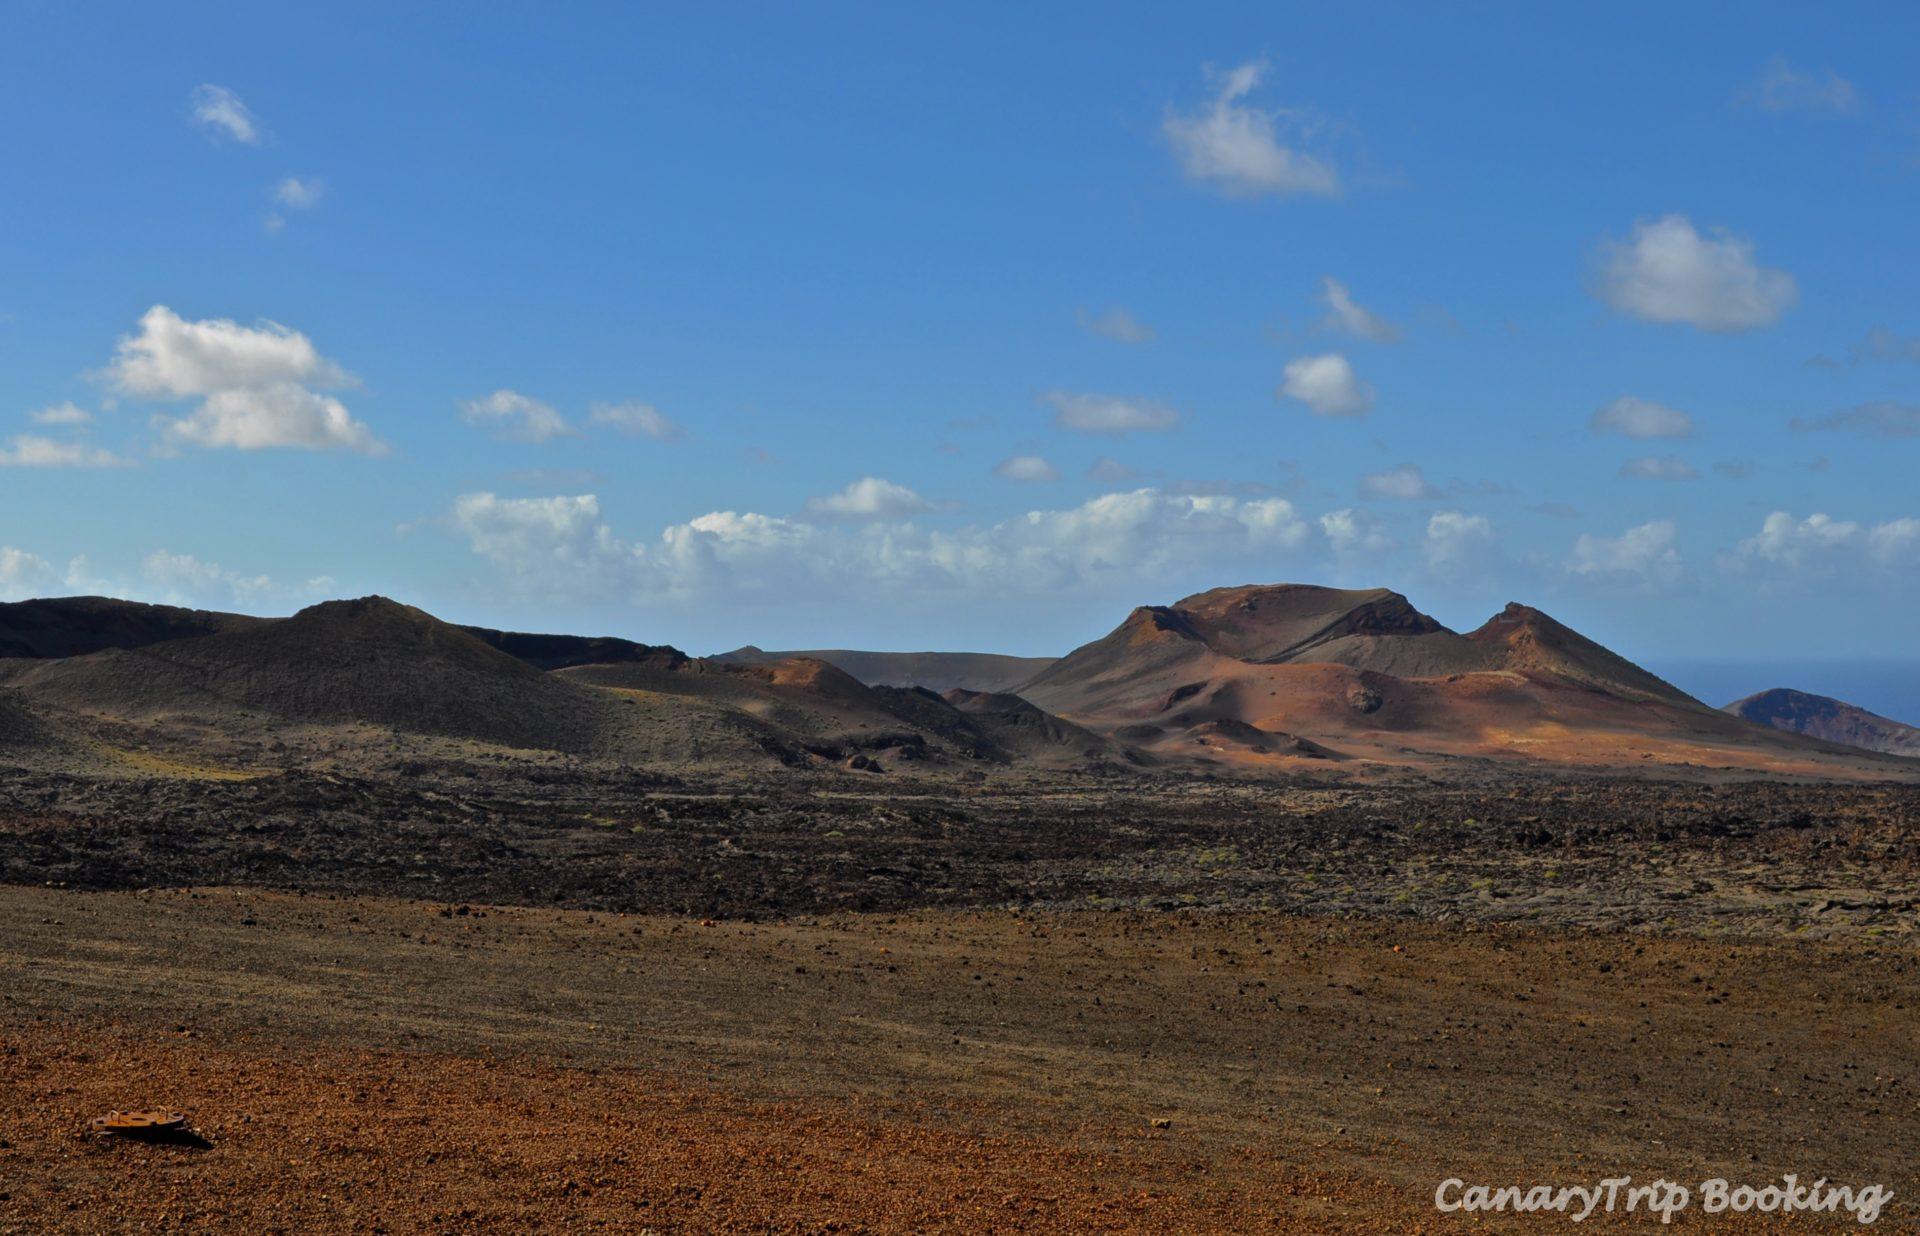 timanfaya-montañas-del-fuego-lanzarote-canary-trip-booking